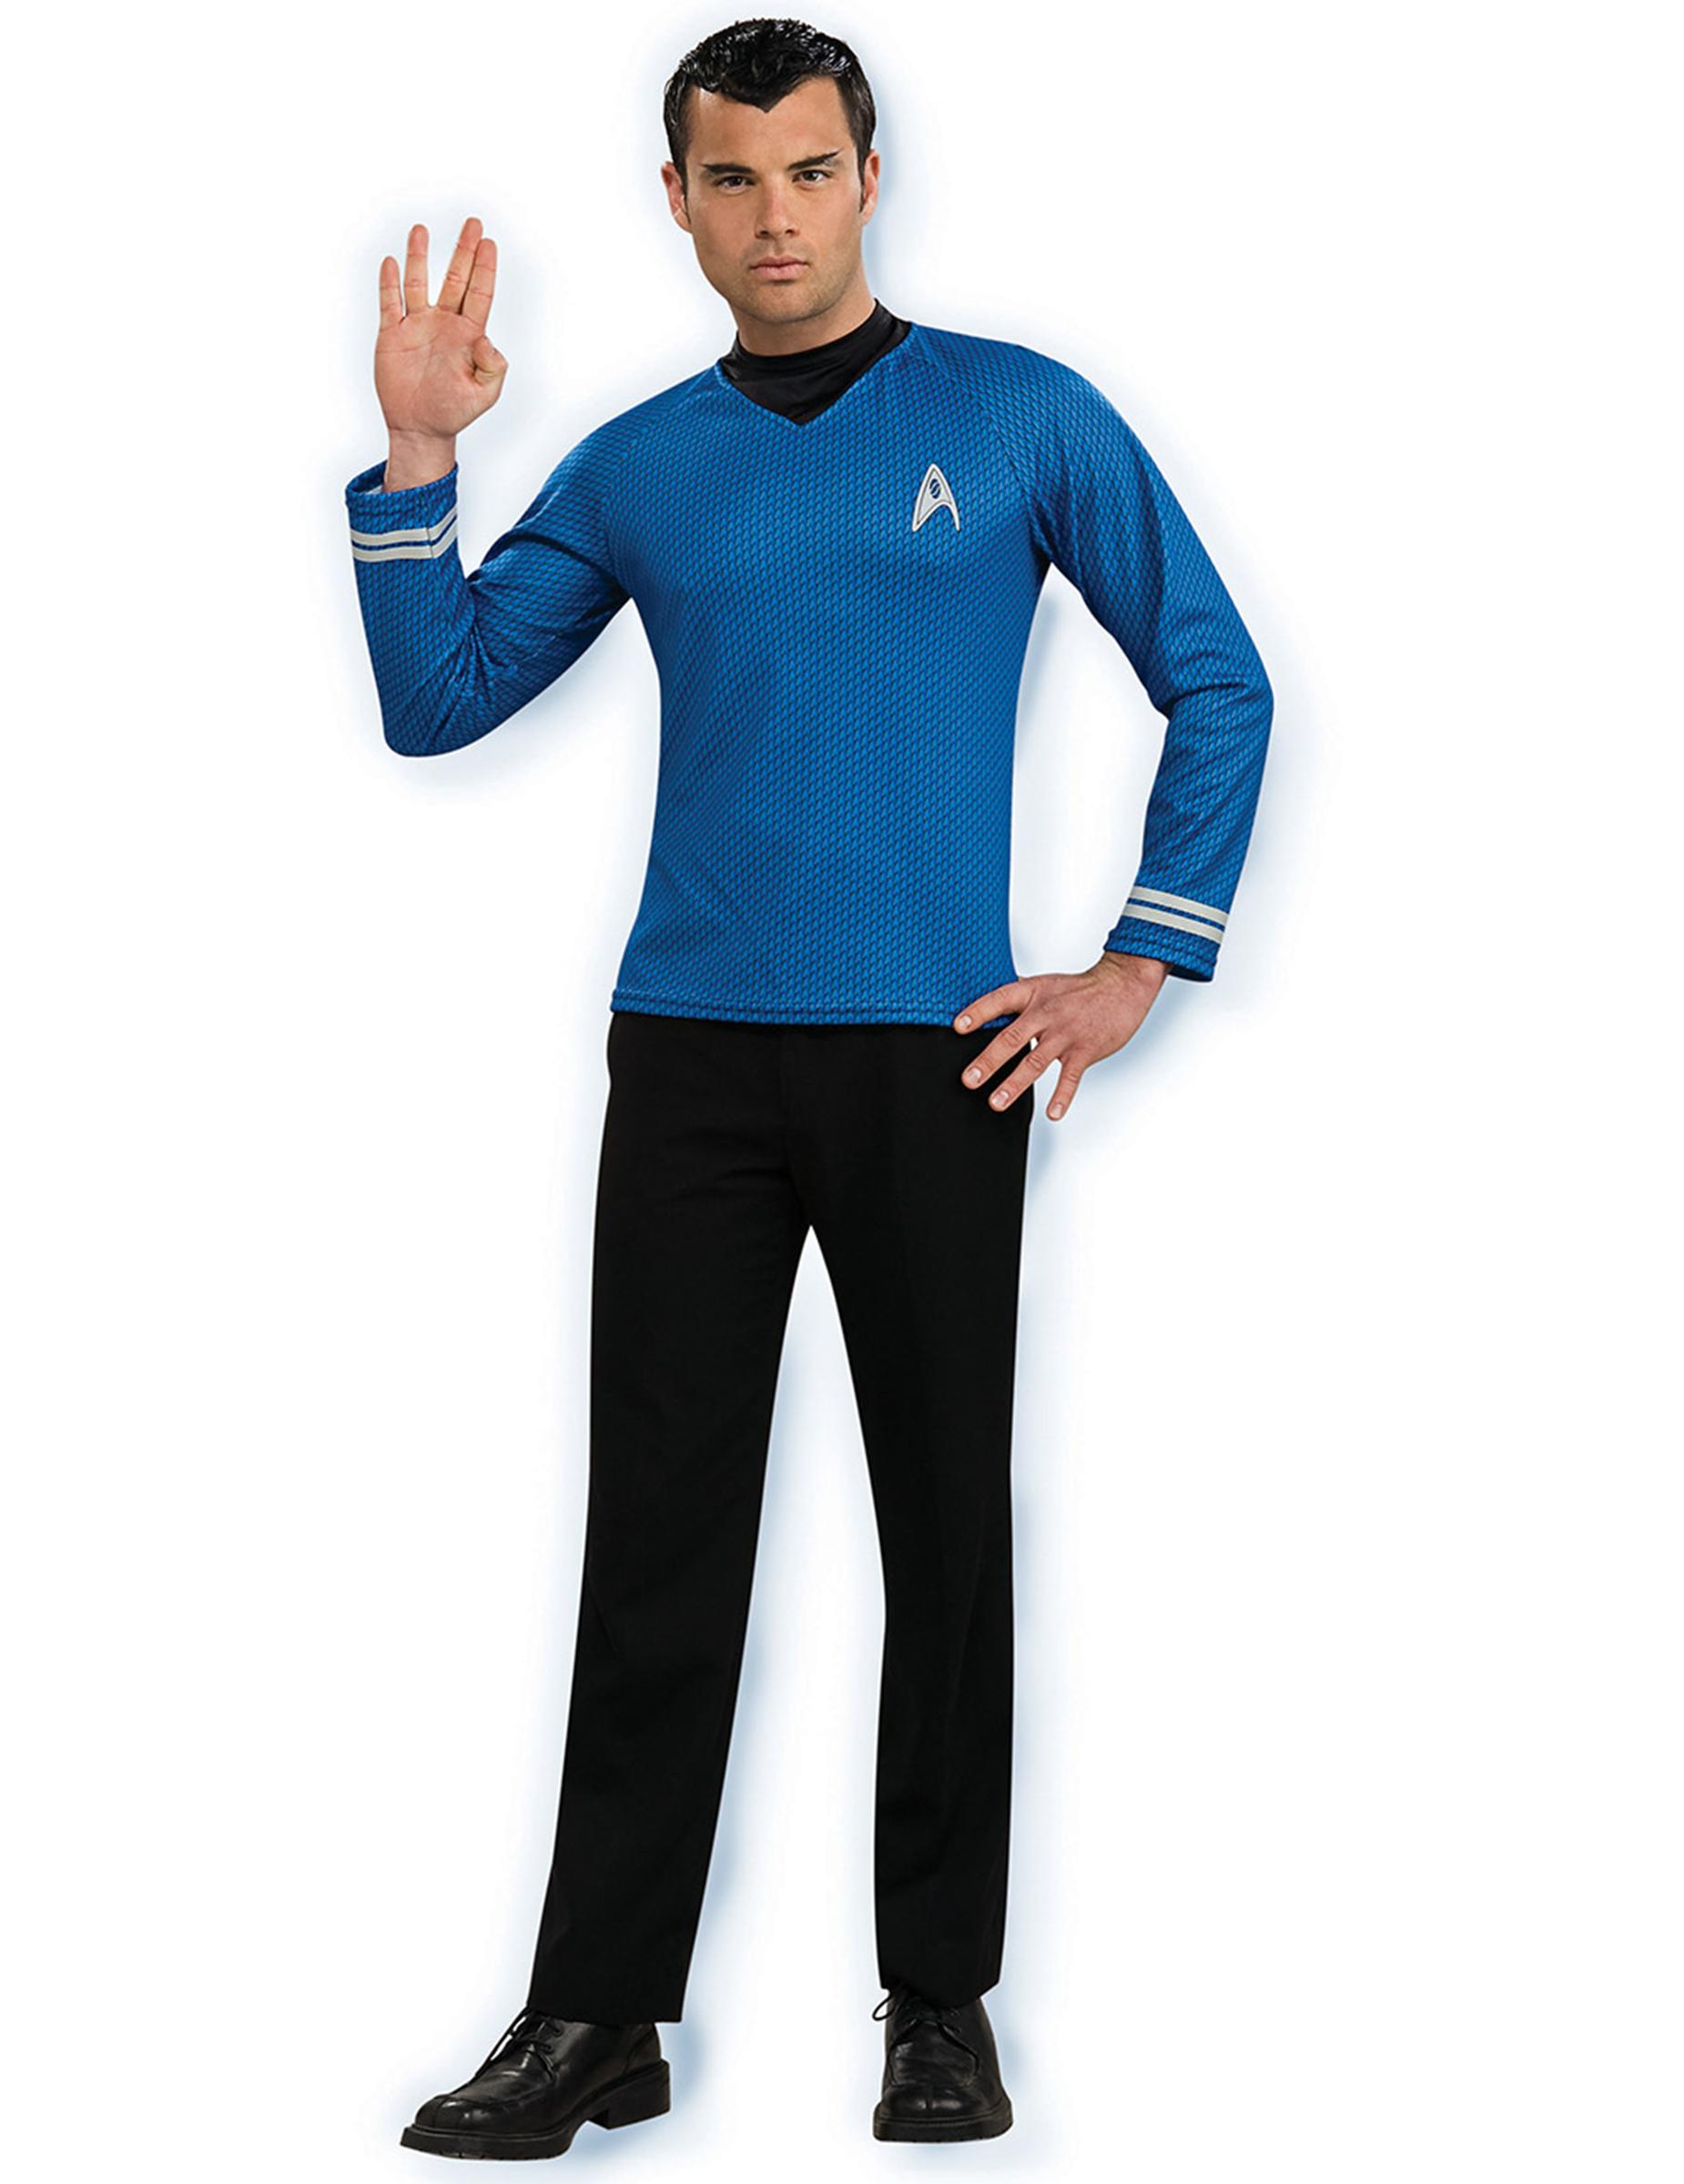 d guisement bleu spock star trek homme deguise toi achat de d guisements adultes. Black Bedroom Furniture Sets. Home Design Ideas